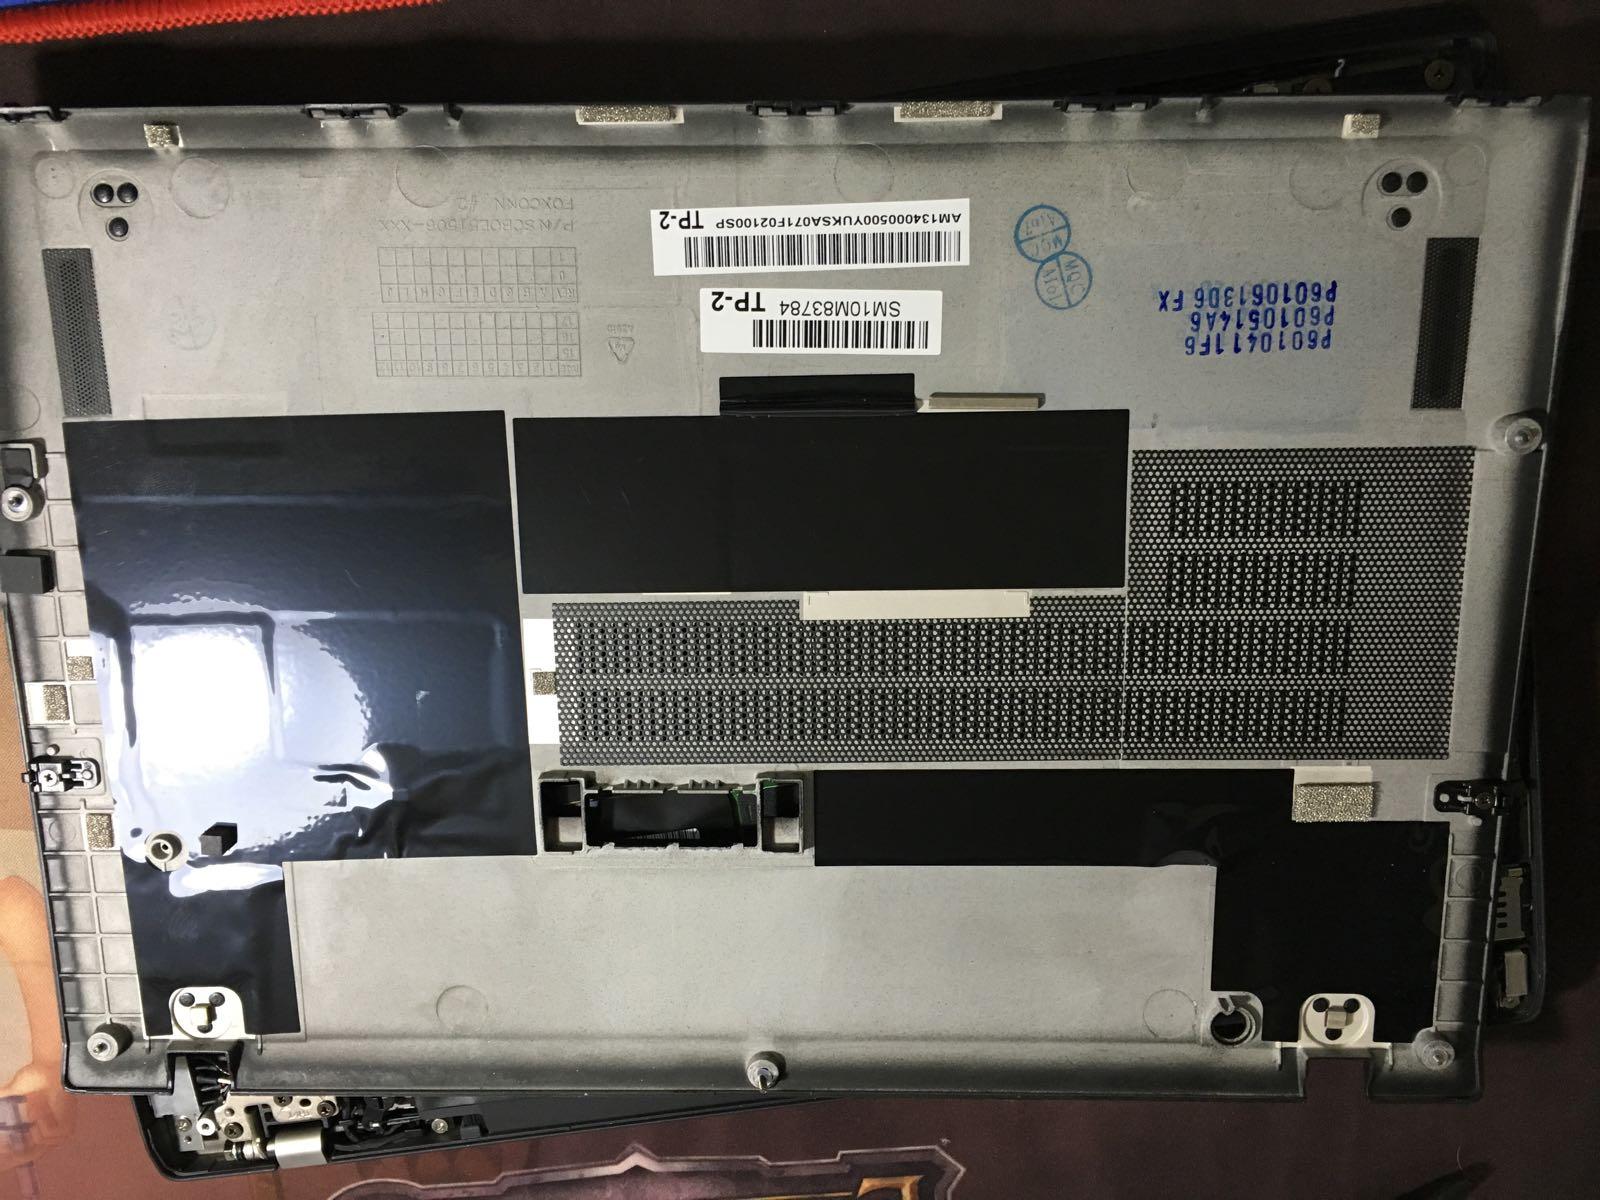 Lenovo Thinkpad T470s Disassembly and RAM, SSD Upgrade